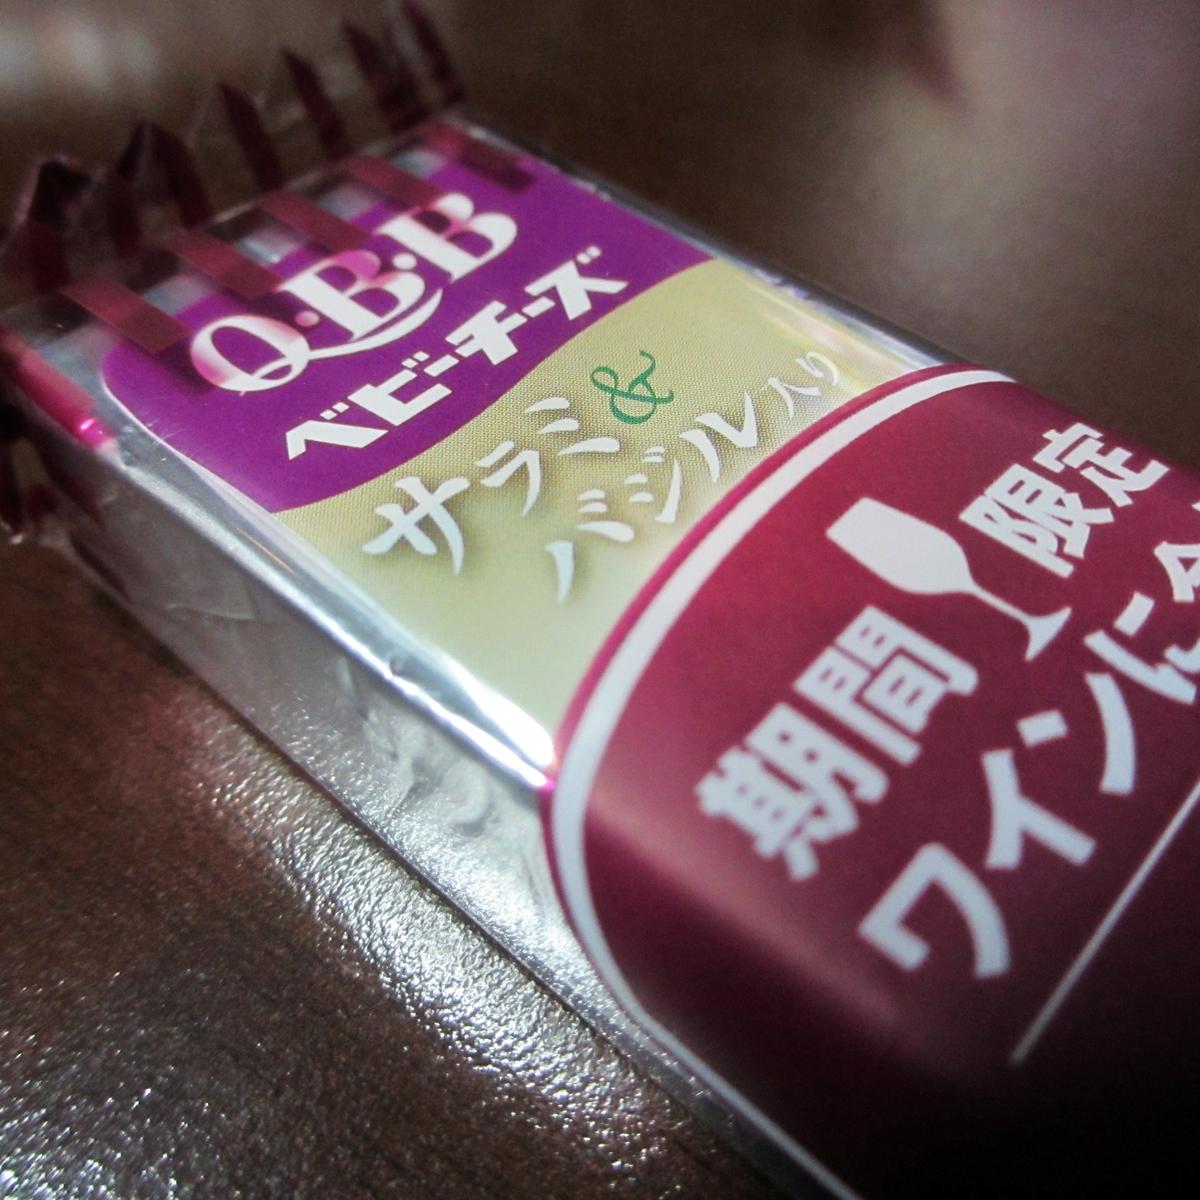 【カマンベール&ブラックペッパー】BQQベビーチーズ食べ比べ【サラミ&バジル】20150613-04